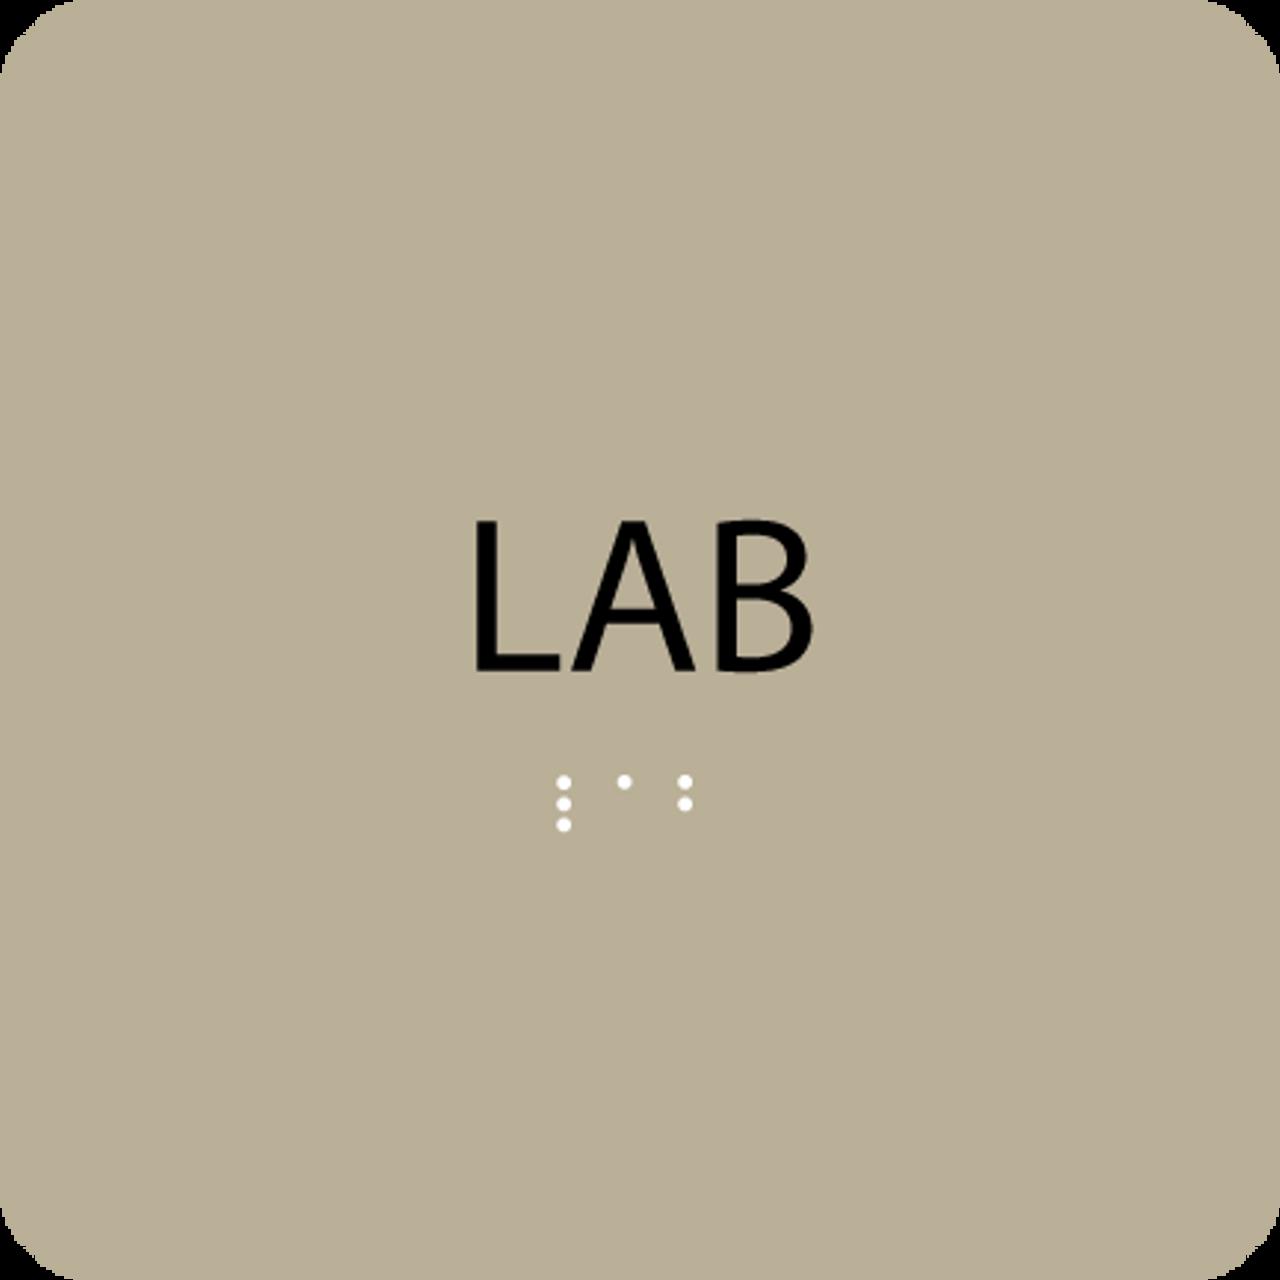 Brown Lab ADA Sign